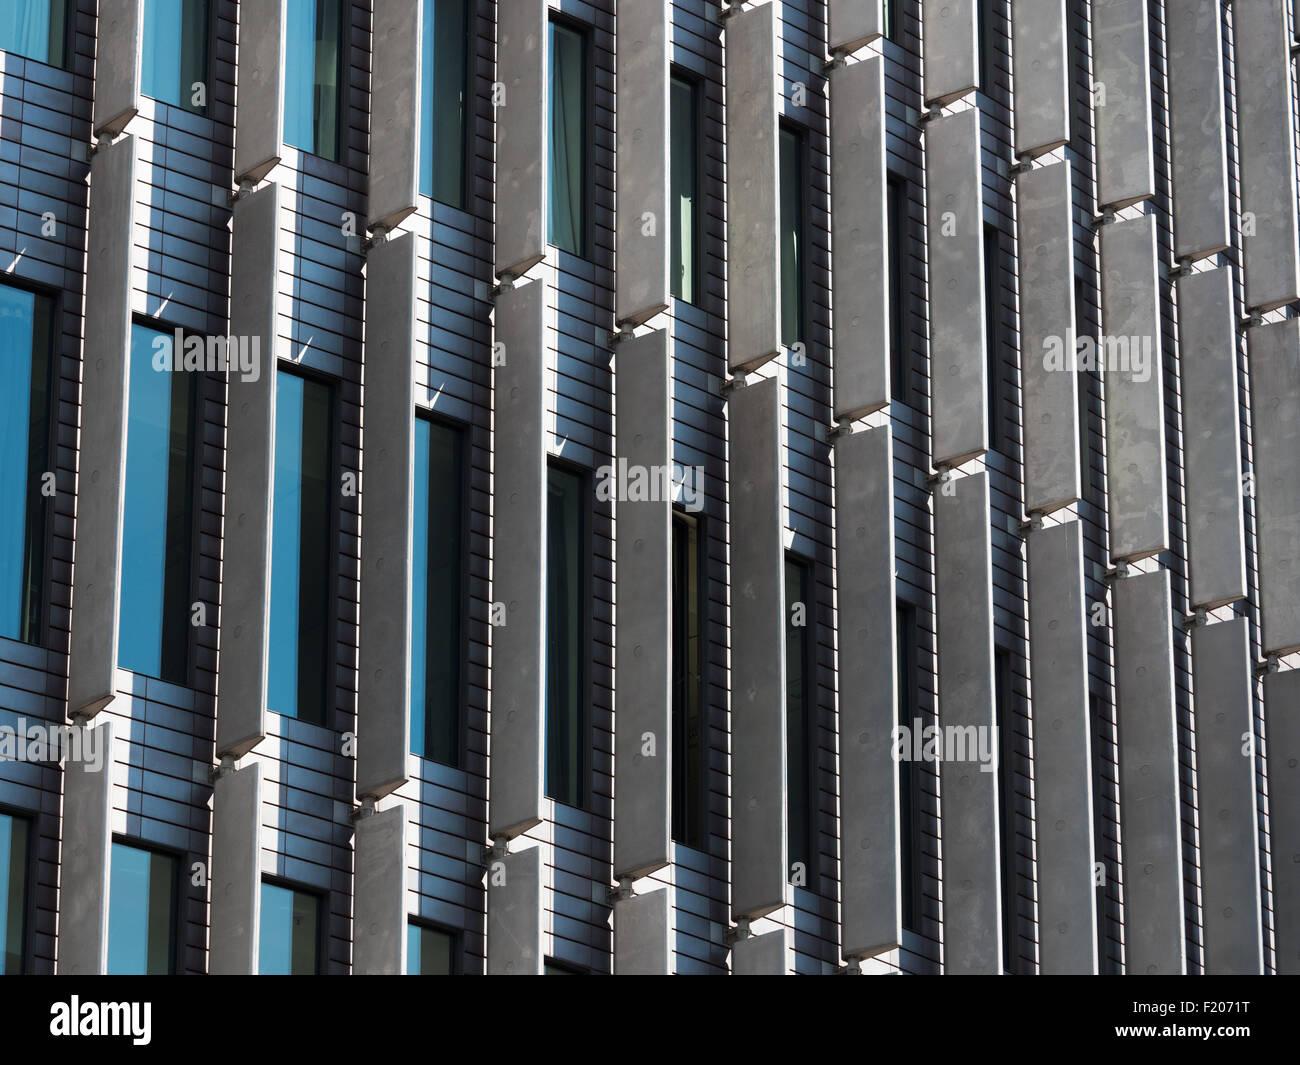 Details der Fassade eines modernen Hochhauses - Stock Image